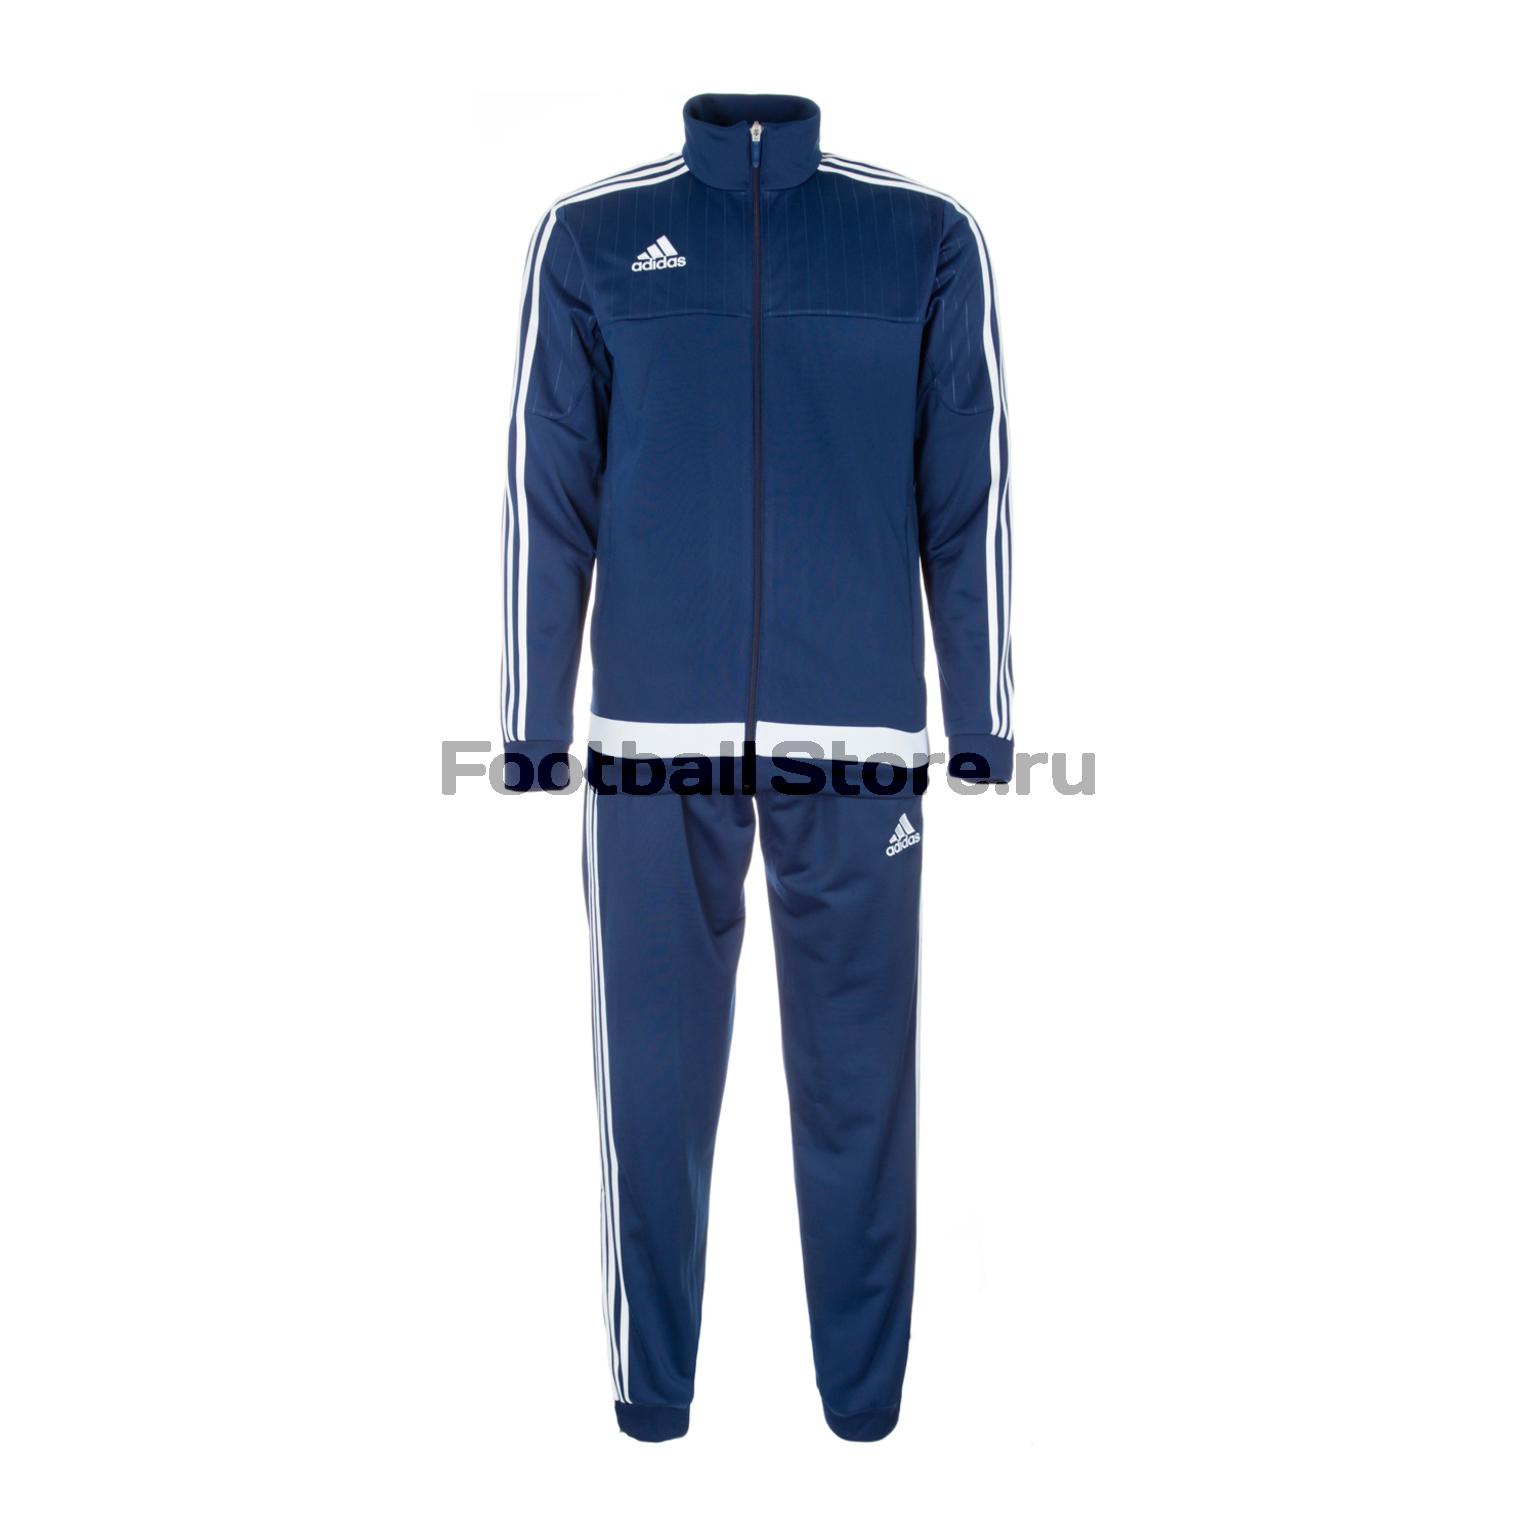 bf5179cd Костюм спортивный Adidas Tiro 15 Pes Suit S22290 – купить в интернет ...